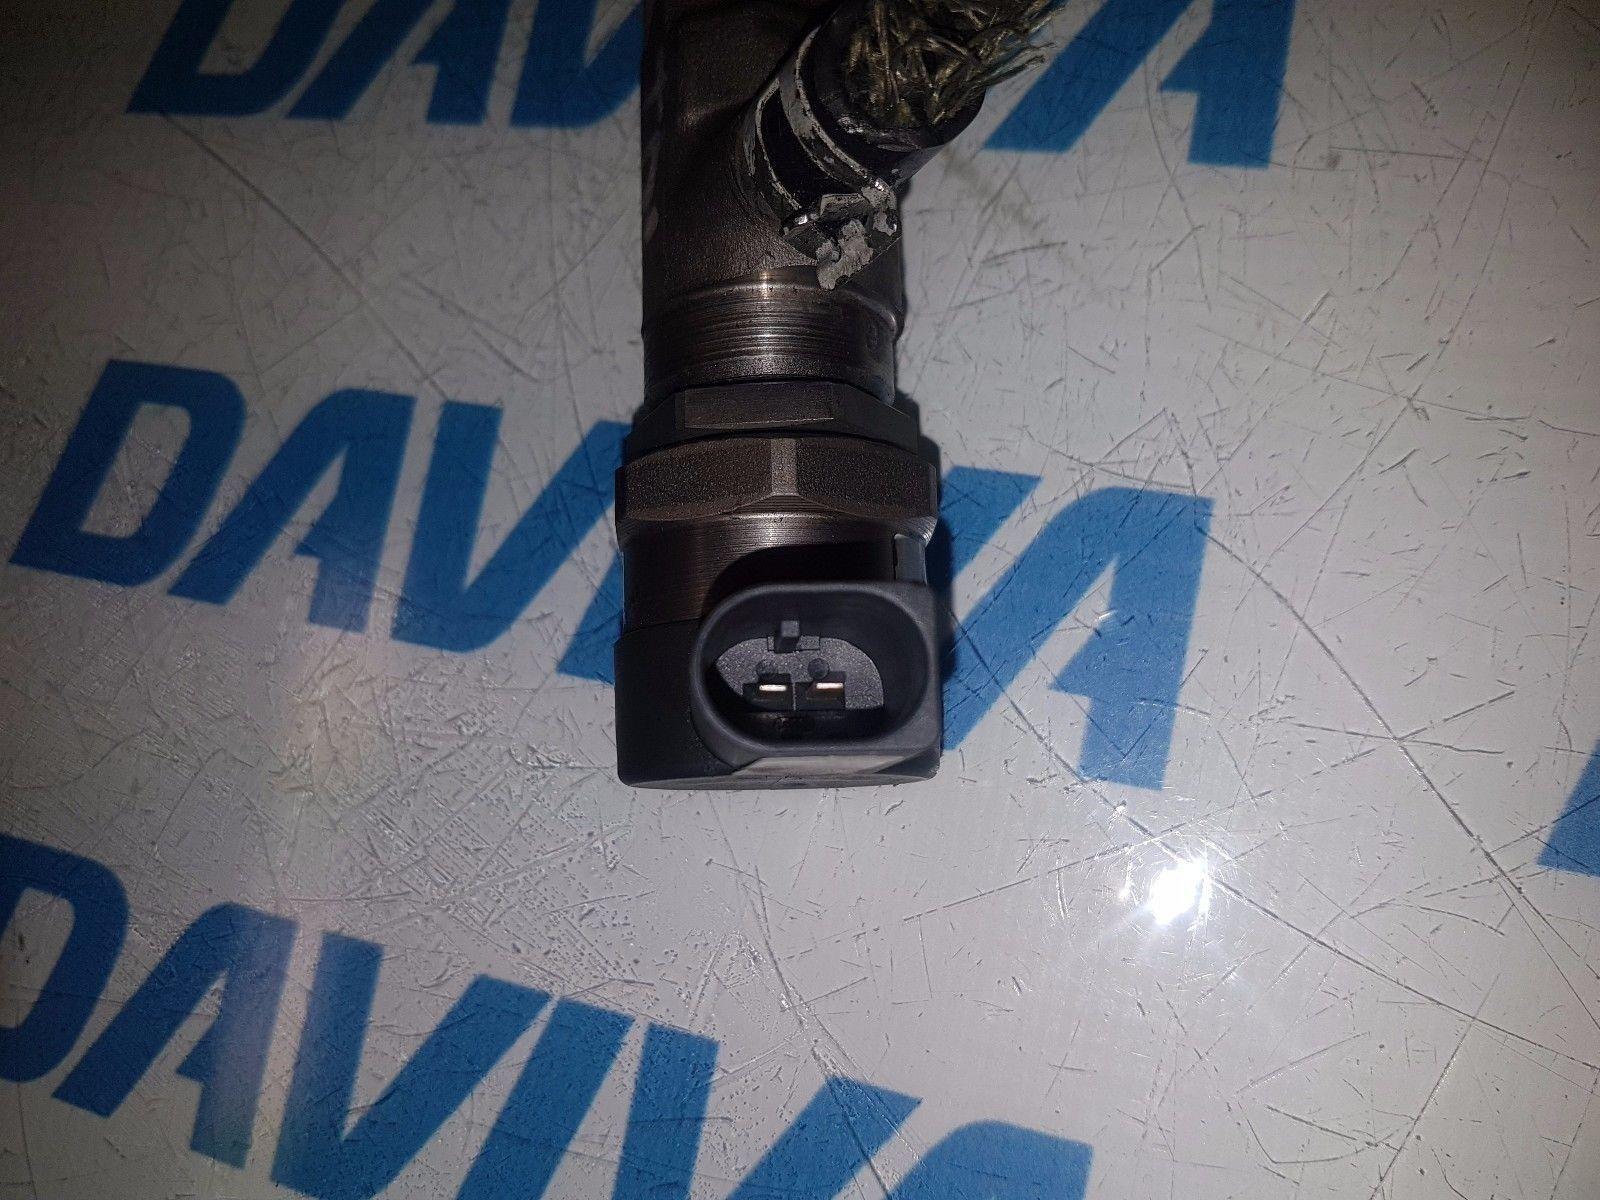 AUDI SKODA VW PASSAT 2.0 TDI 2010 FUEL RAIL & SENSORS 0281006075 / 057130764AB